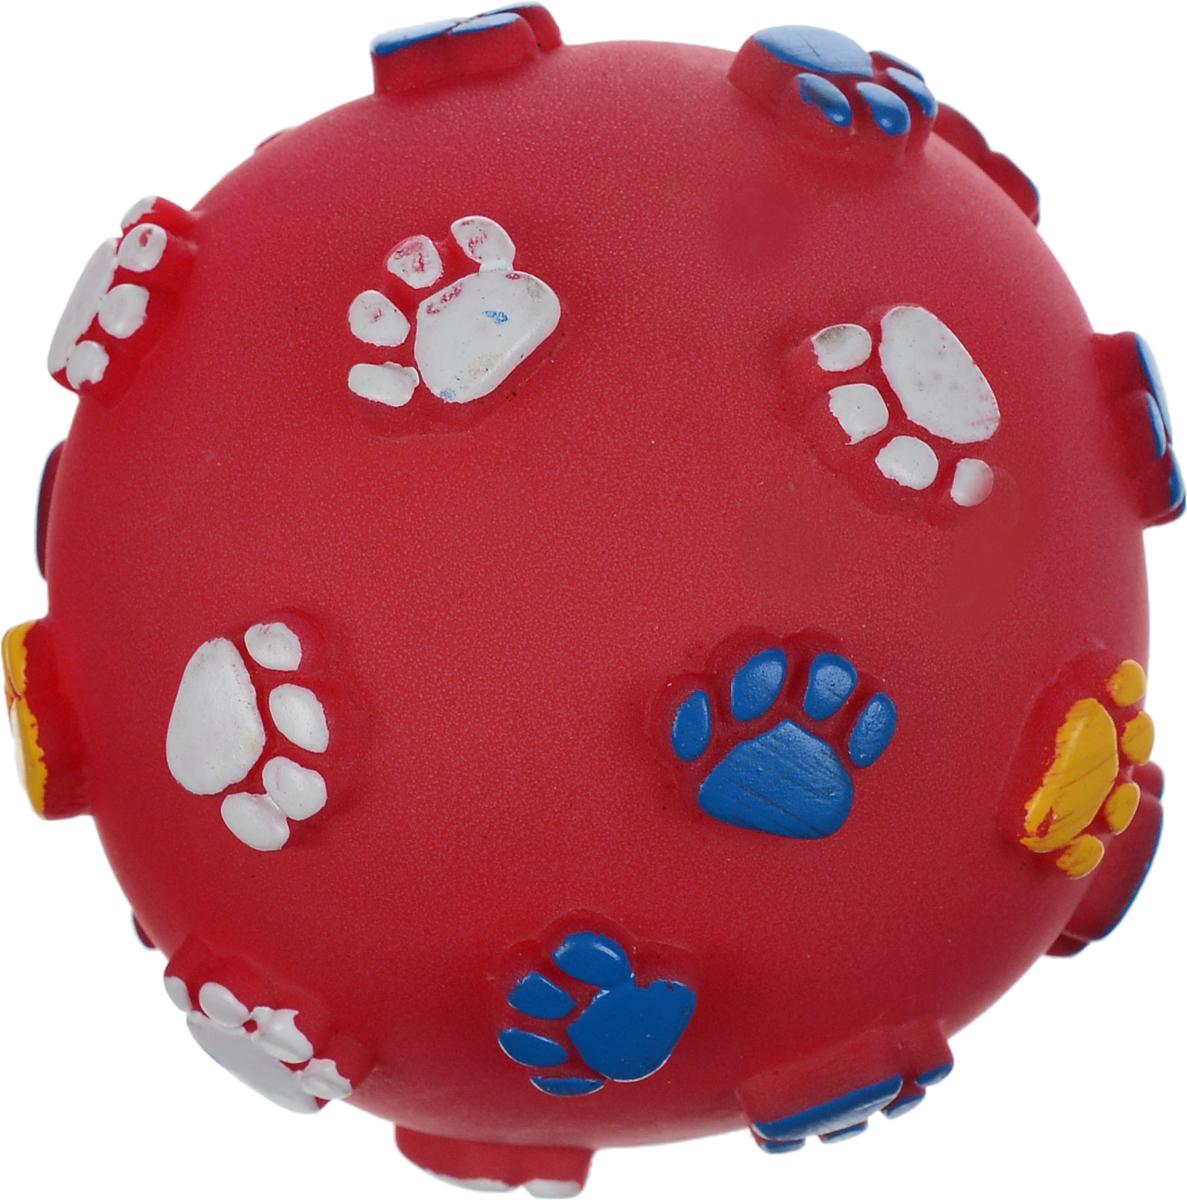 Игрушка для животных Каскад Мяч. Лапки, с пищалкой, цвет: красный, синий, желтый, диаметр 9 см75303Игрушка Каскад Мяч. Лапки изготовлена из прочной и долговечной резины, которая устойчива к разгрызанию. Необычная и забавная игрушка прекрасно подойдет для собак, любящих игрушки с пищалками. Диаметр: 9 см.